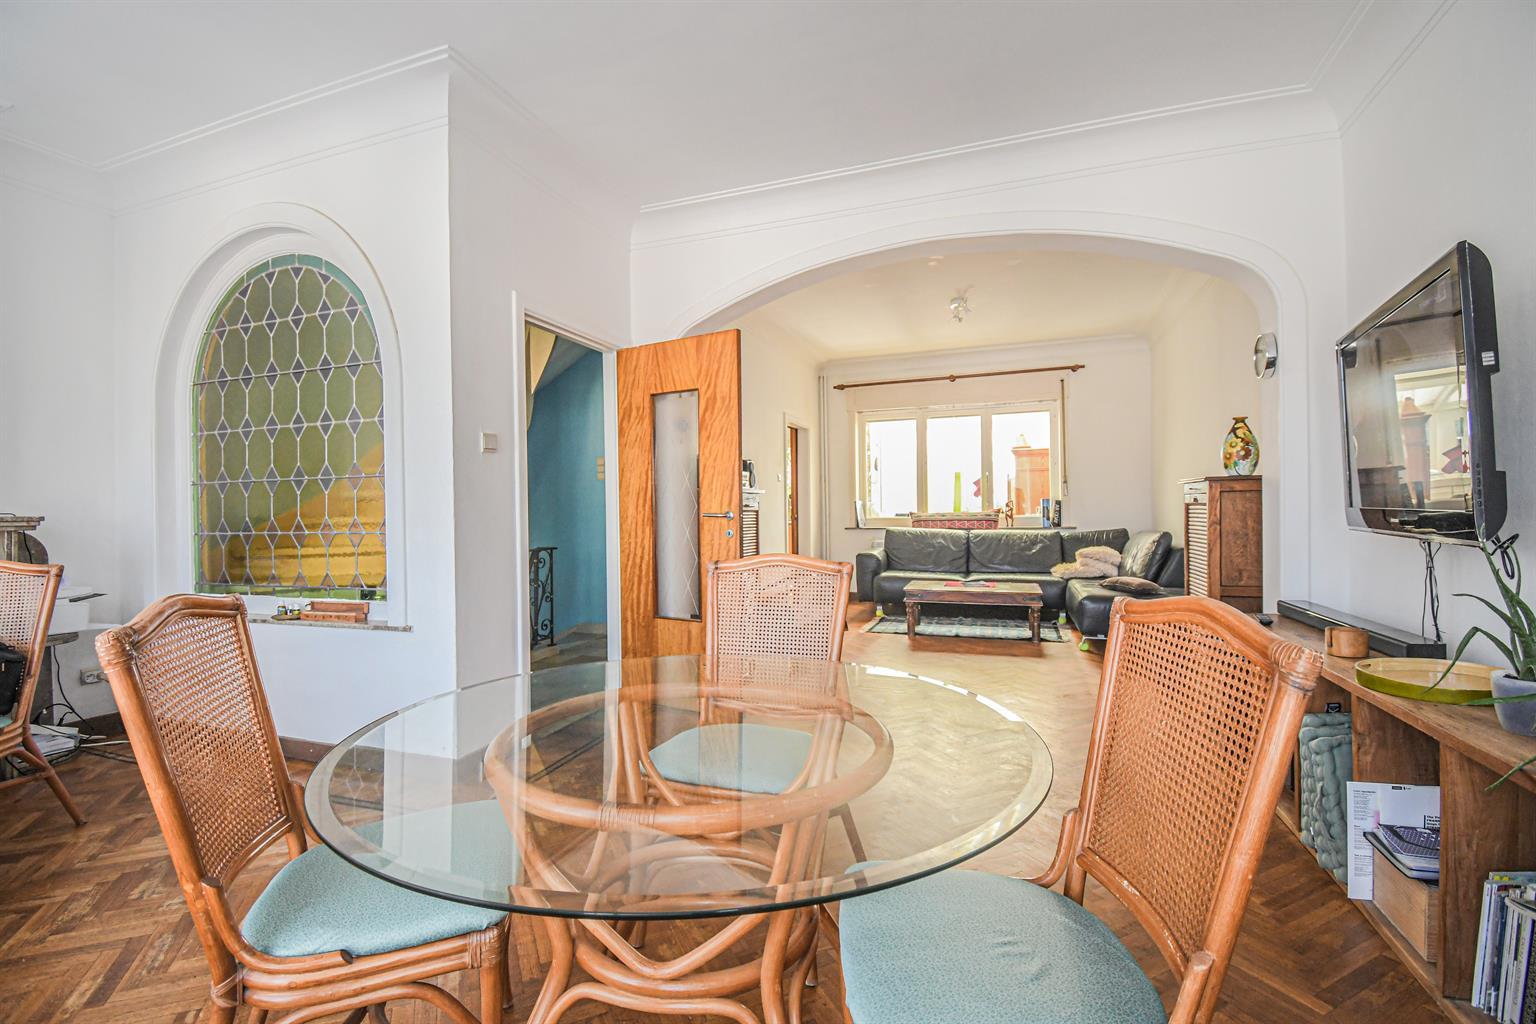 Bel-étage - Tubize - #4499957-1